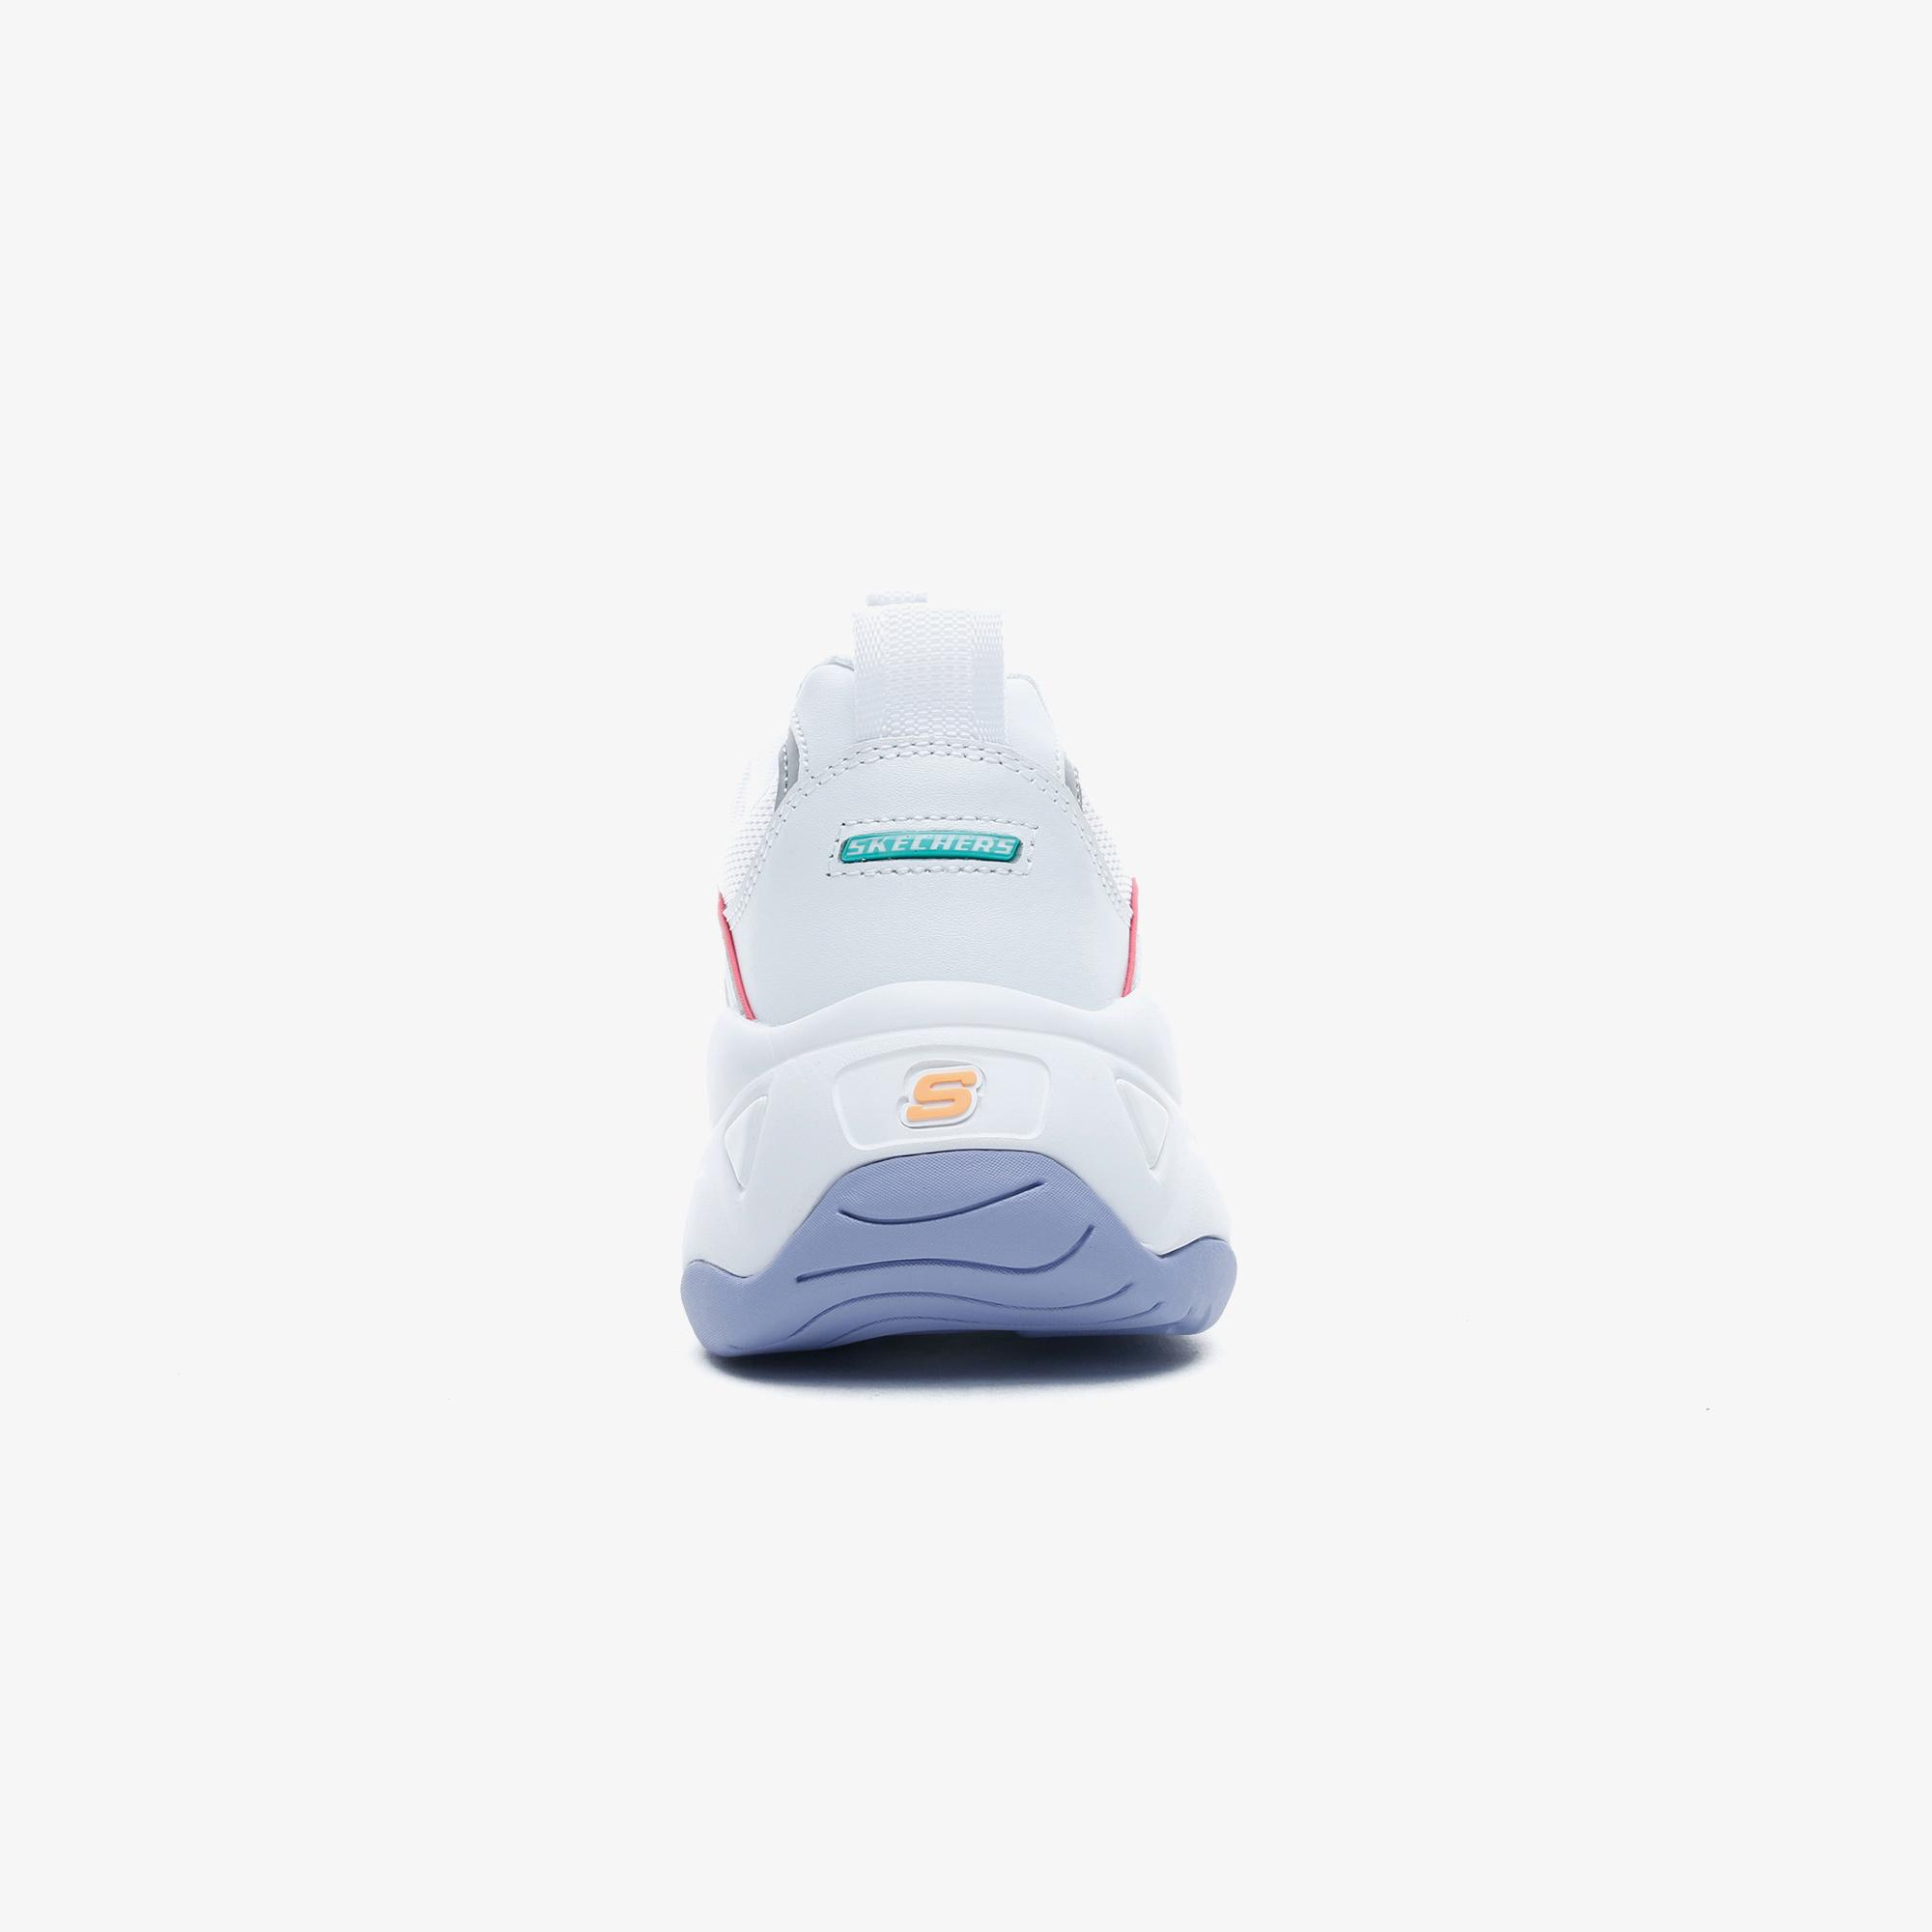 Skechers D'Lites 3.0 - Menlo Park Kadın Beyaz Spor Ayakkabı